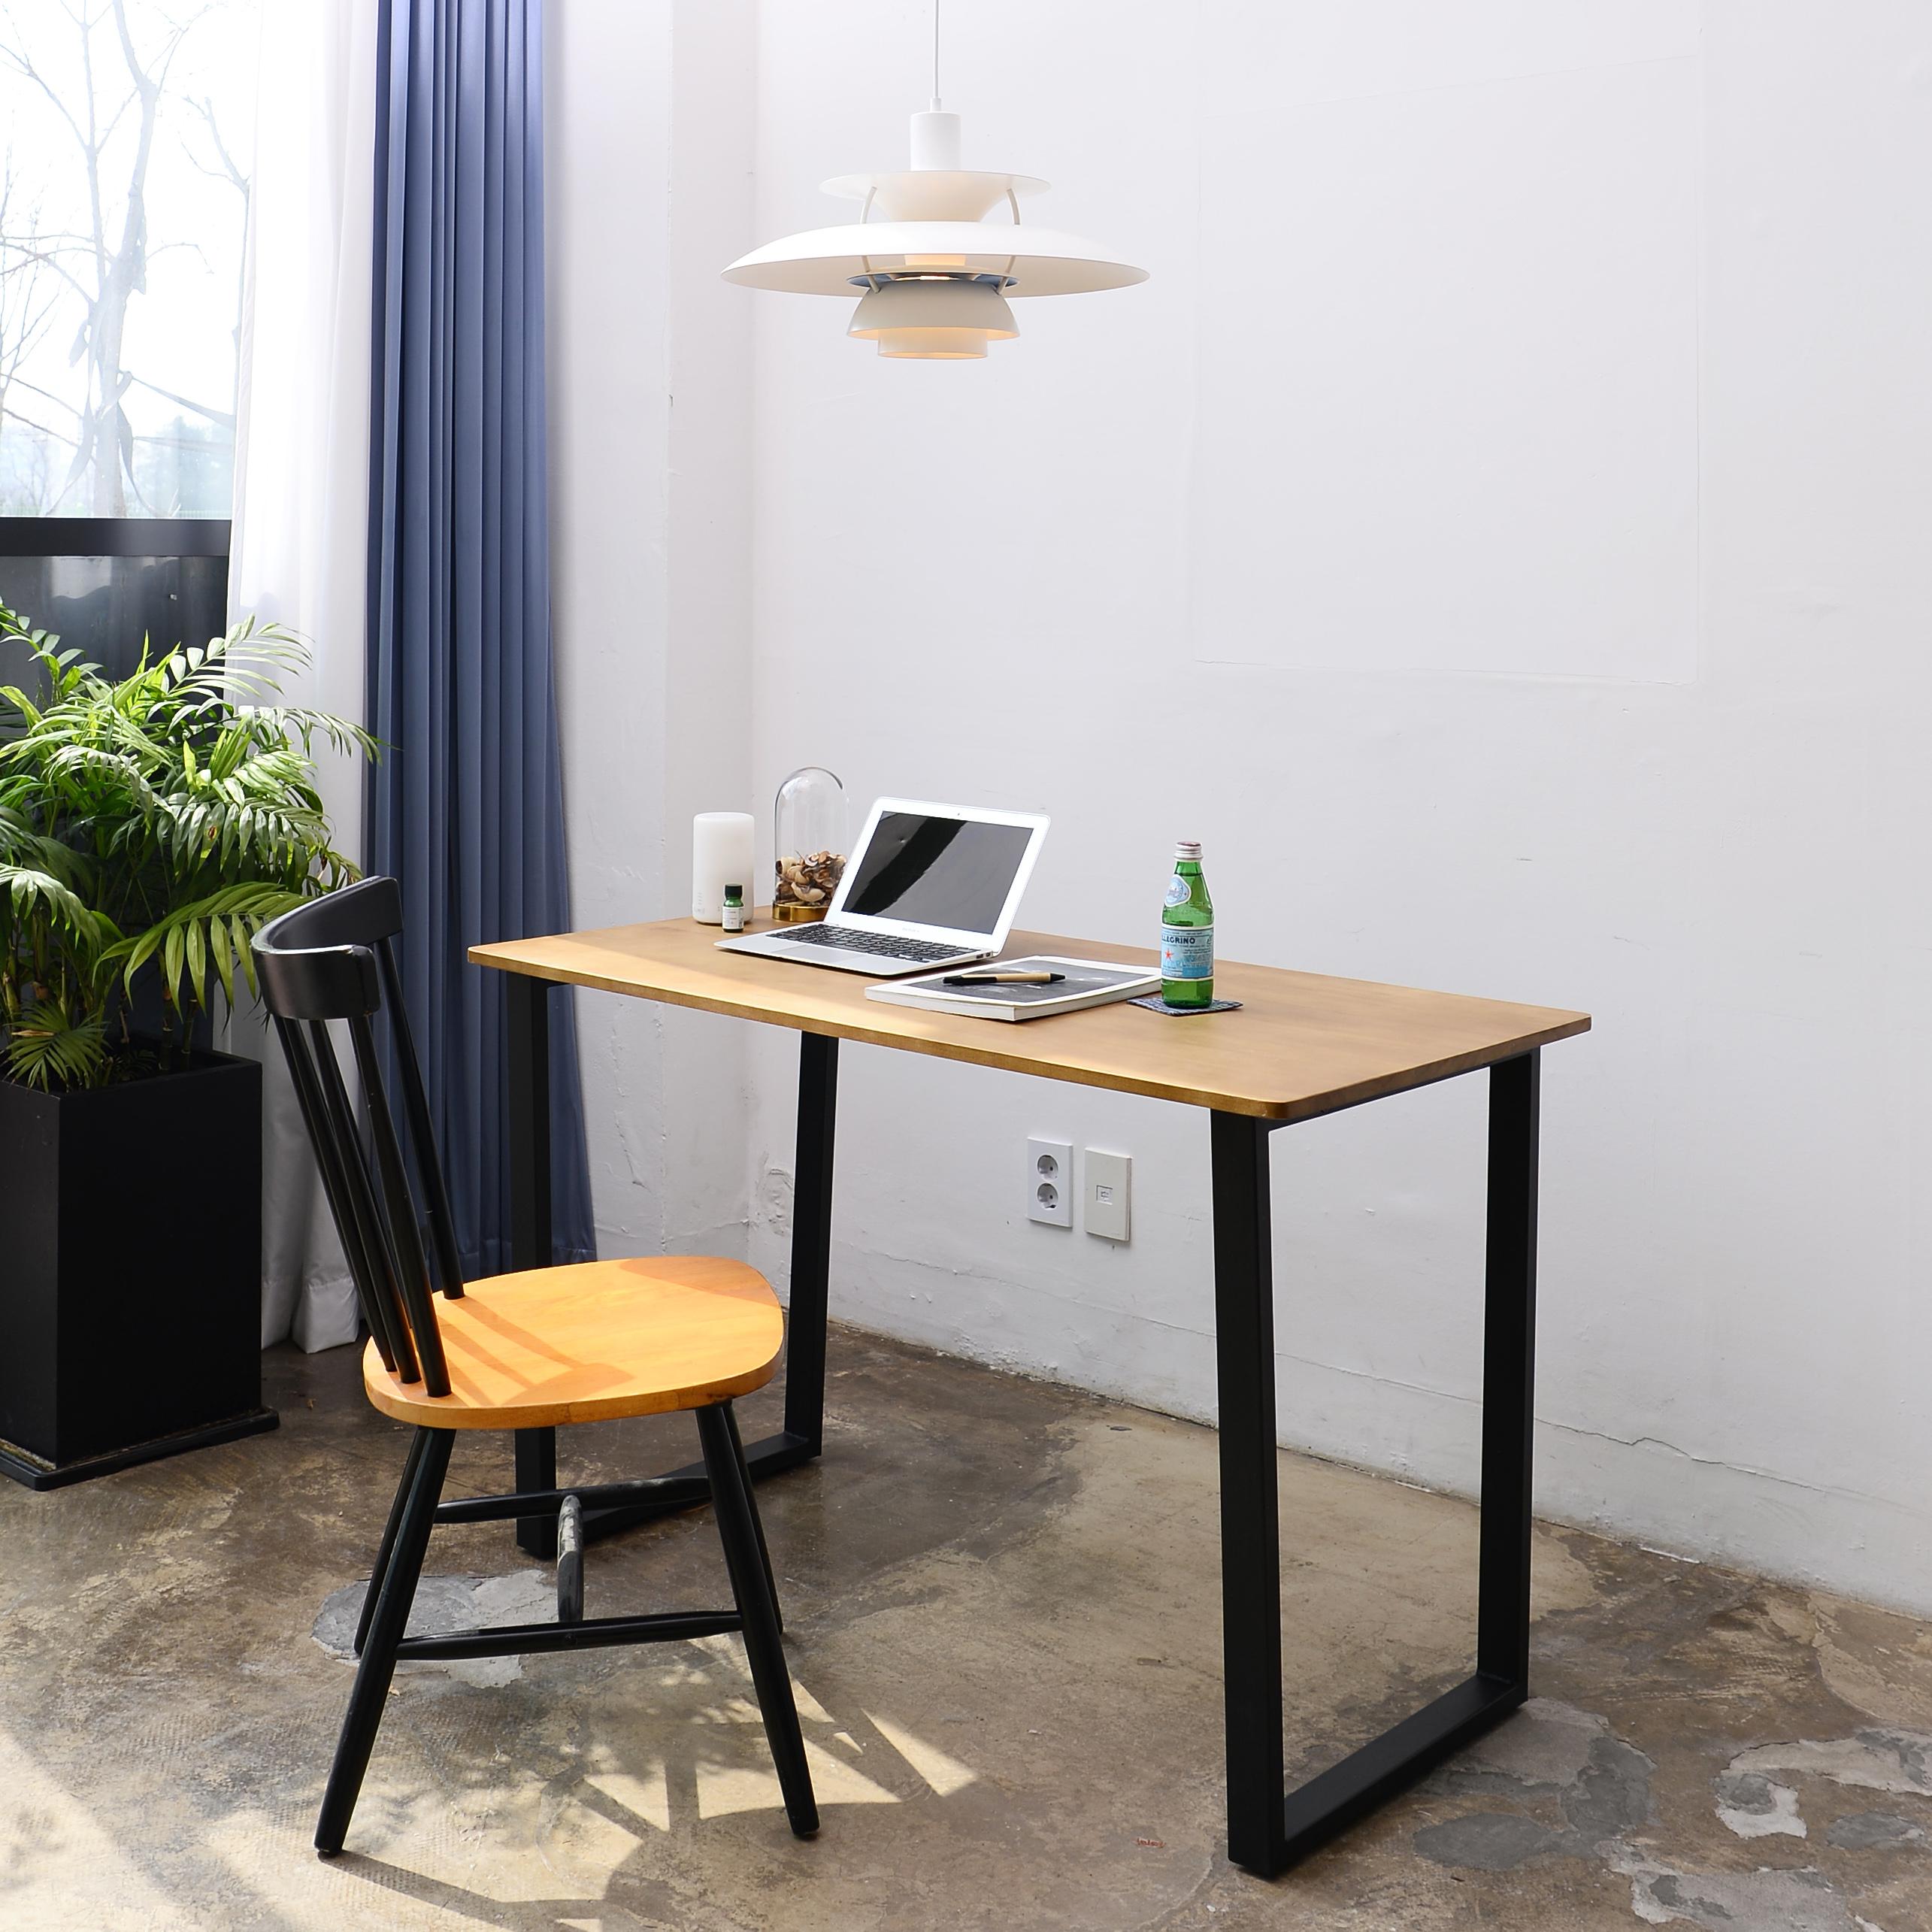 아이코닉하우스 코지스 원목 테이블, 혼합색상